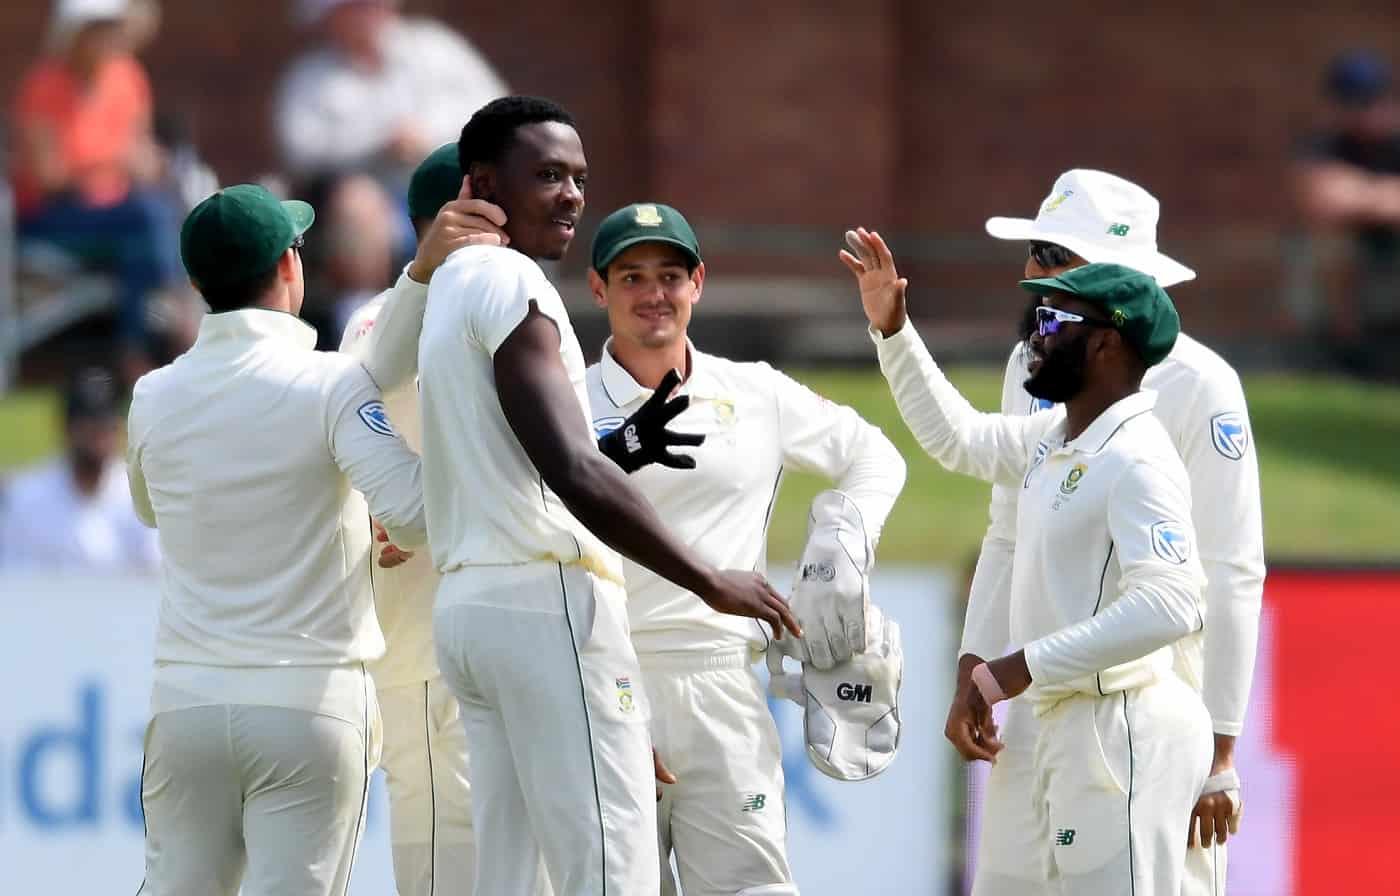 South Africa Announces 20-Man Test Squad For Pakistan Tour